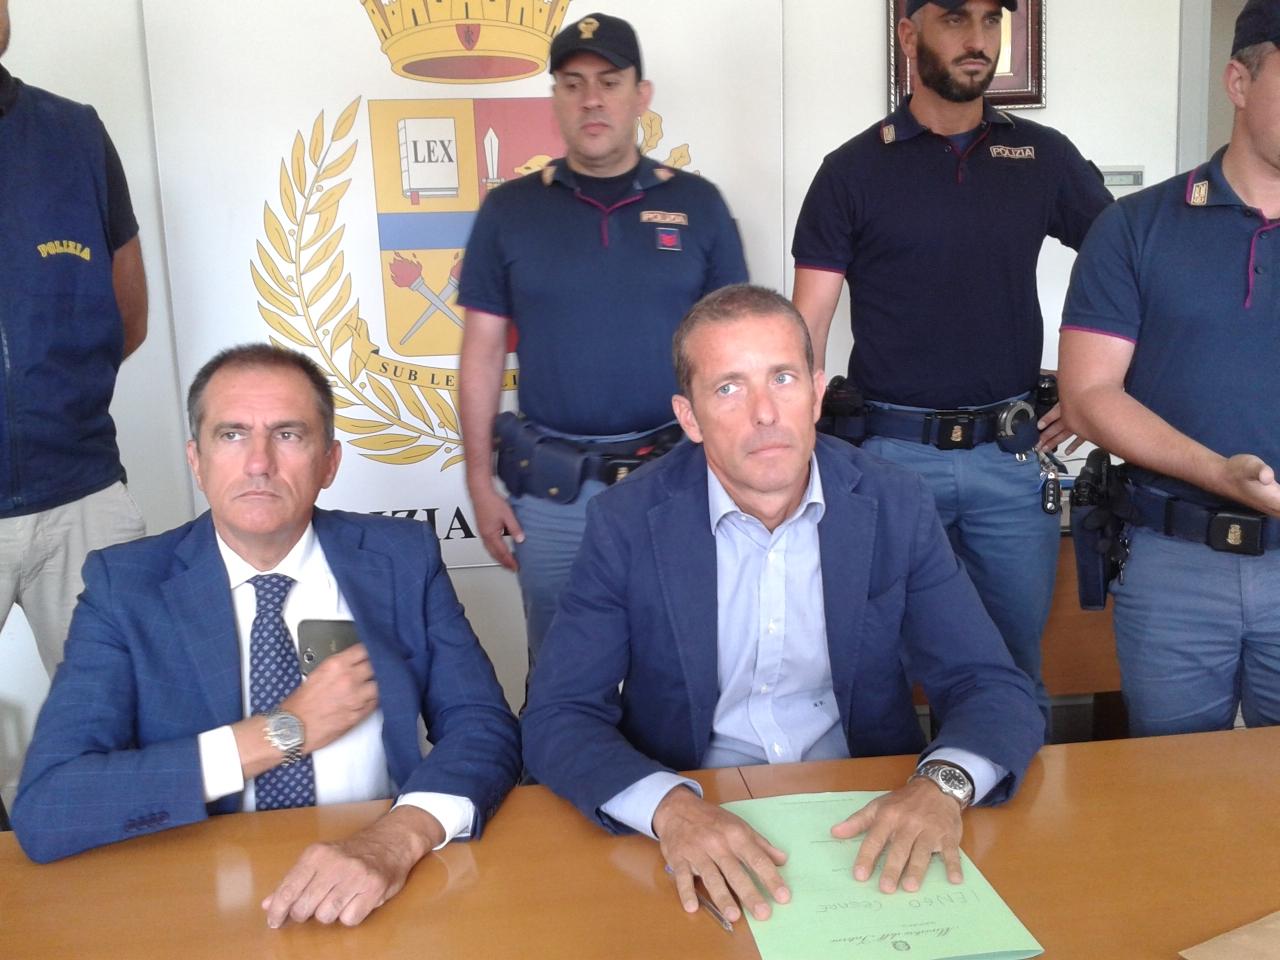 Arrestati due banditi napoletani dopo rapina di Rolex